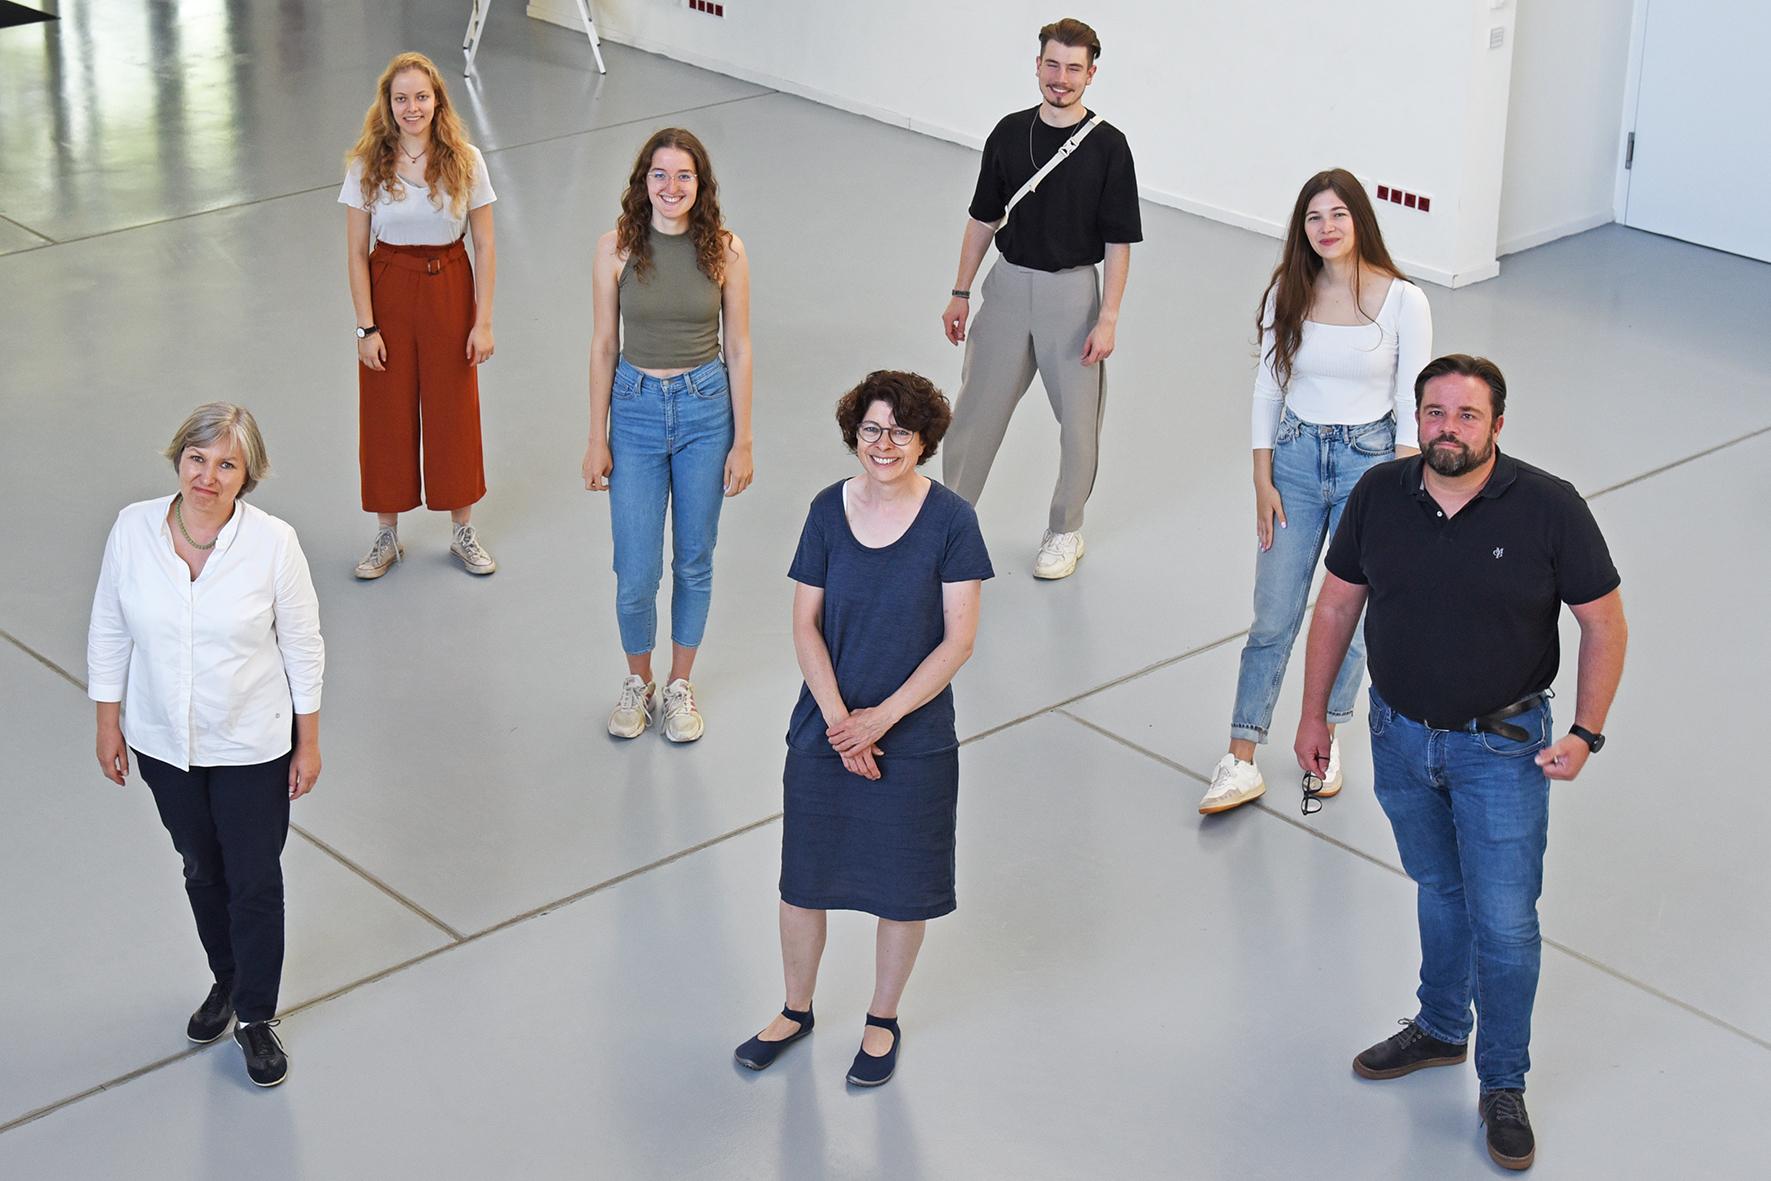 Dr. Sabine Happ, Annemarie Woeste, Kim Janke, Dr. Edda Baußmann, Tobias Moser, Hanna Breimann, und Matthias Frankenstein